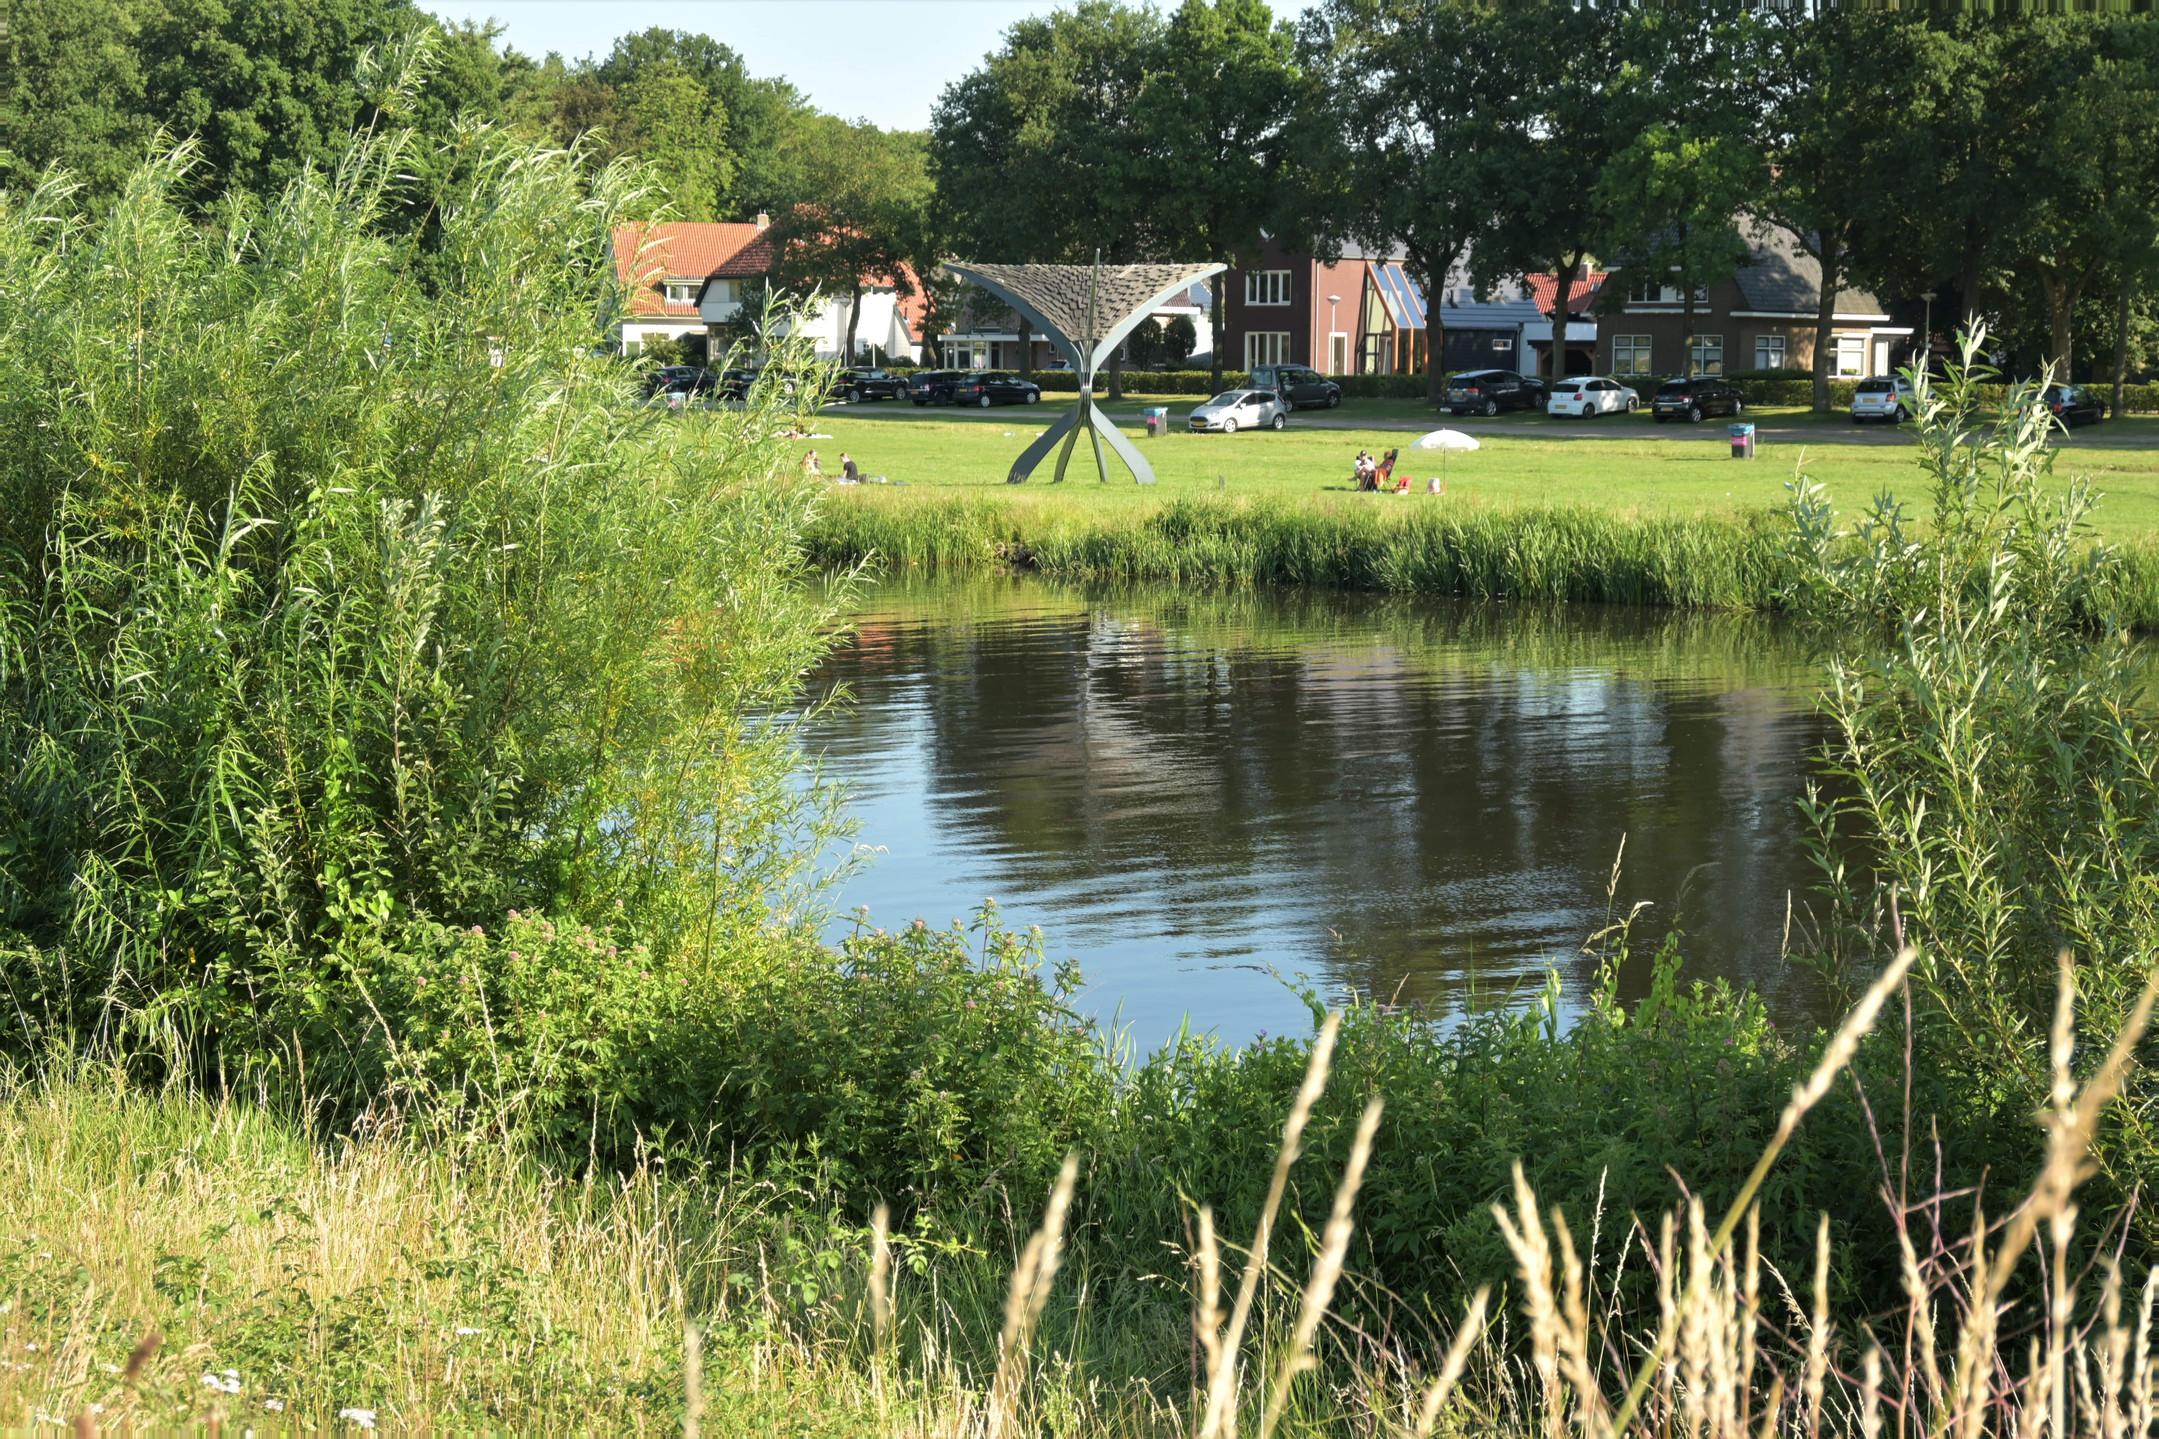 Ommen Vecht river views in Overijssel - the Netherlands